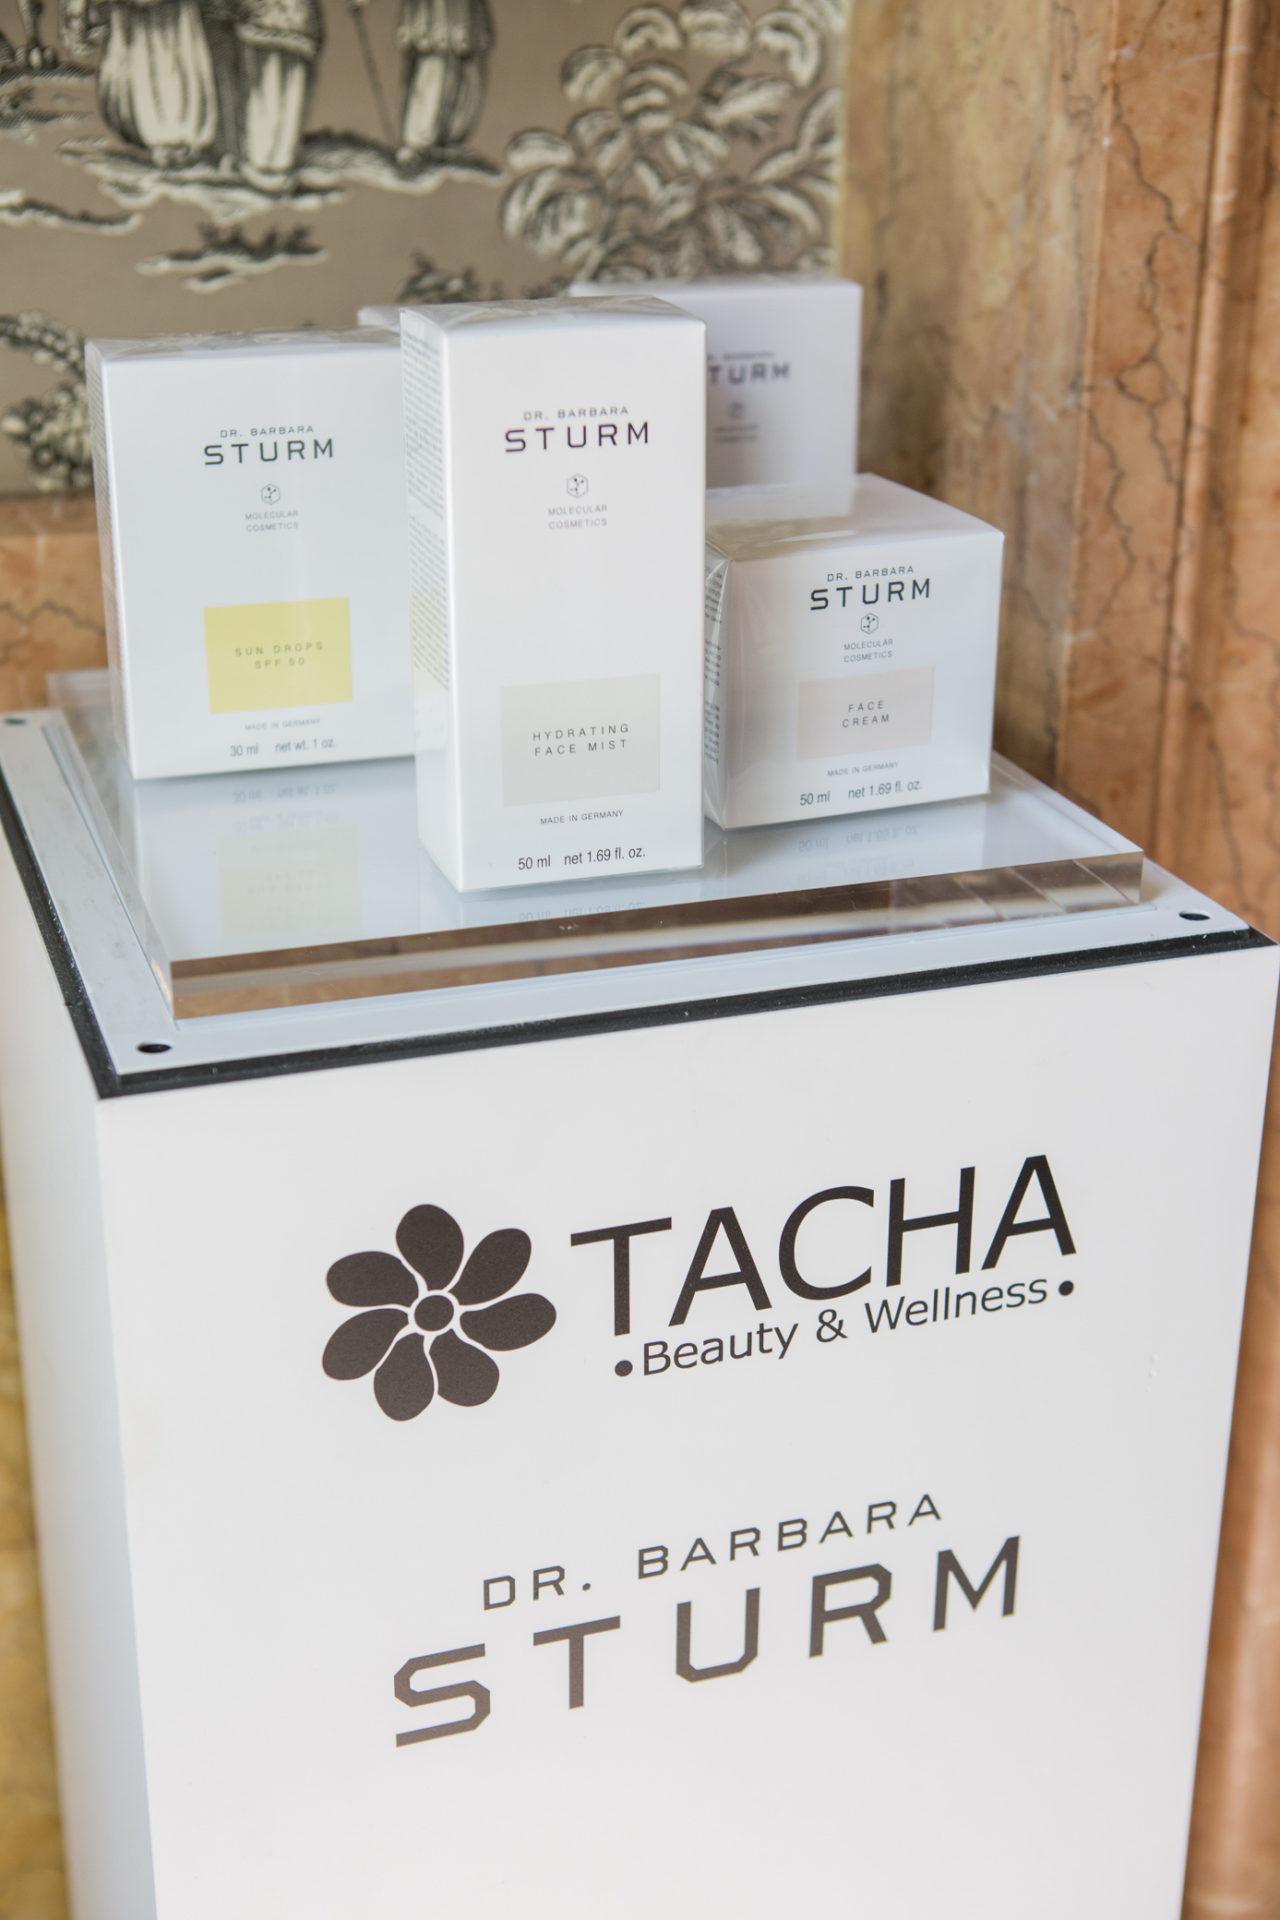 Doctora Barbara Sturm en Tacha